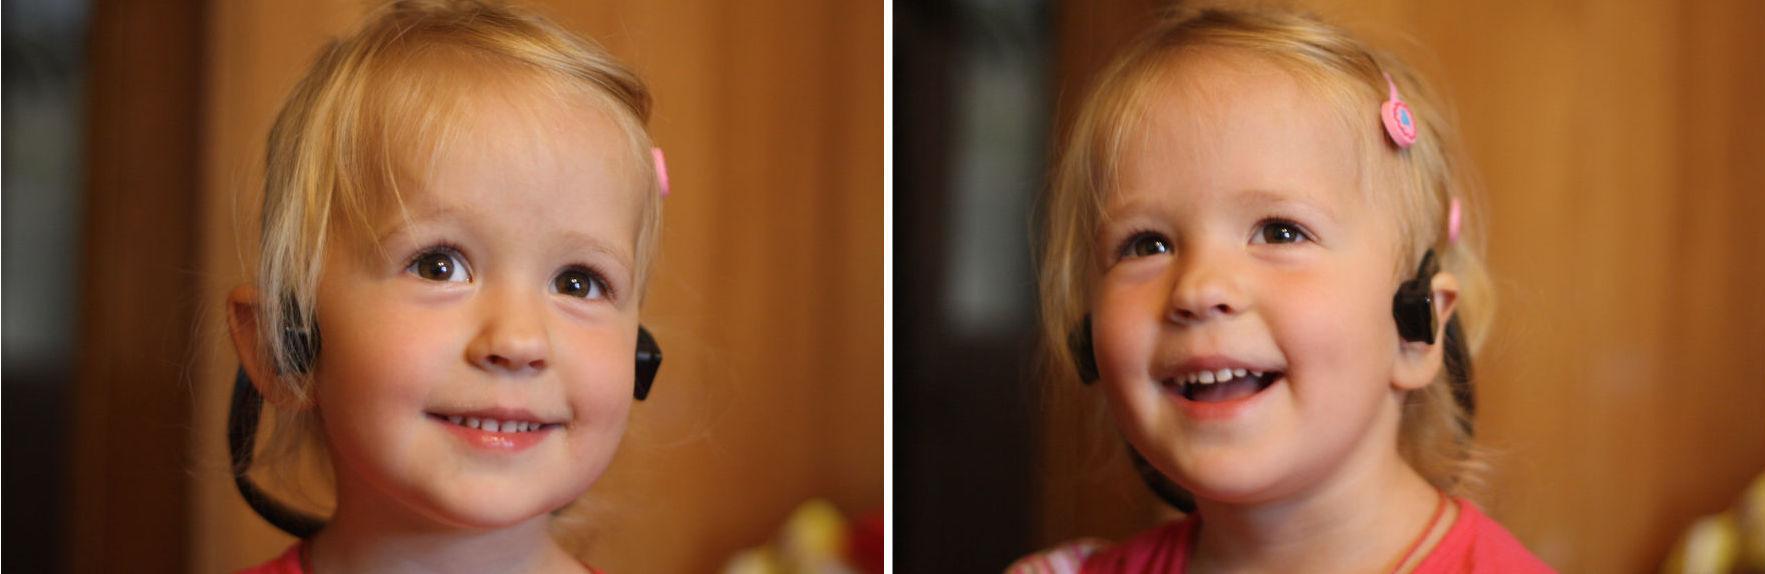 Детские гаджеты: чем удивить, развлечь и позабавить детей от 2+ лет - 29